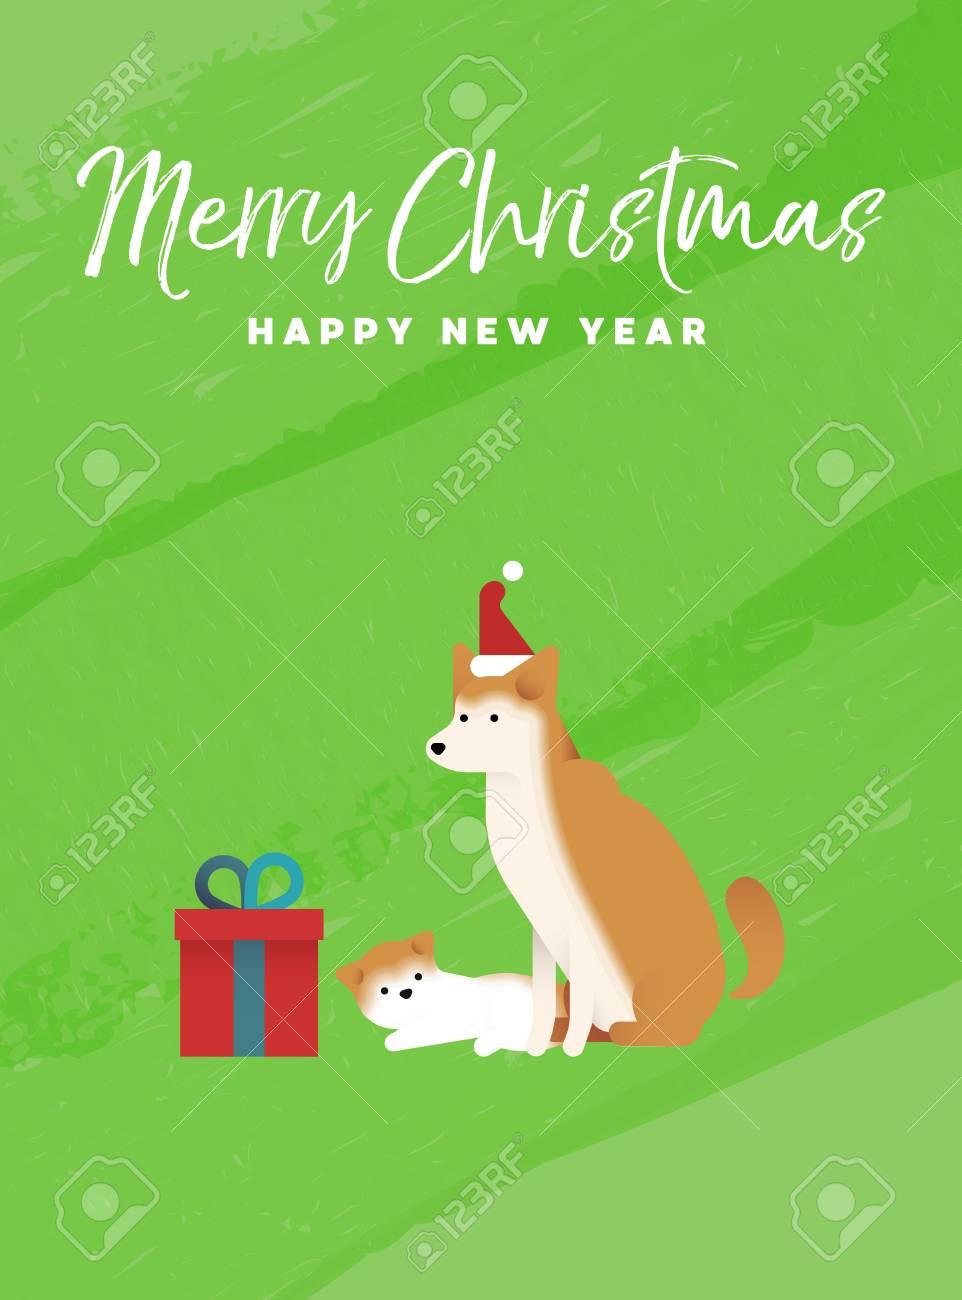 Frohe Weihnachten Und Happy New Year Urlaub Grußkarte Abbildung ...